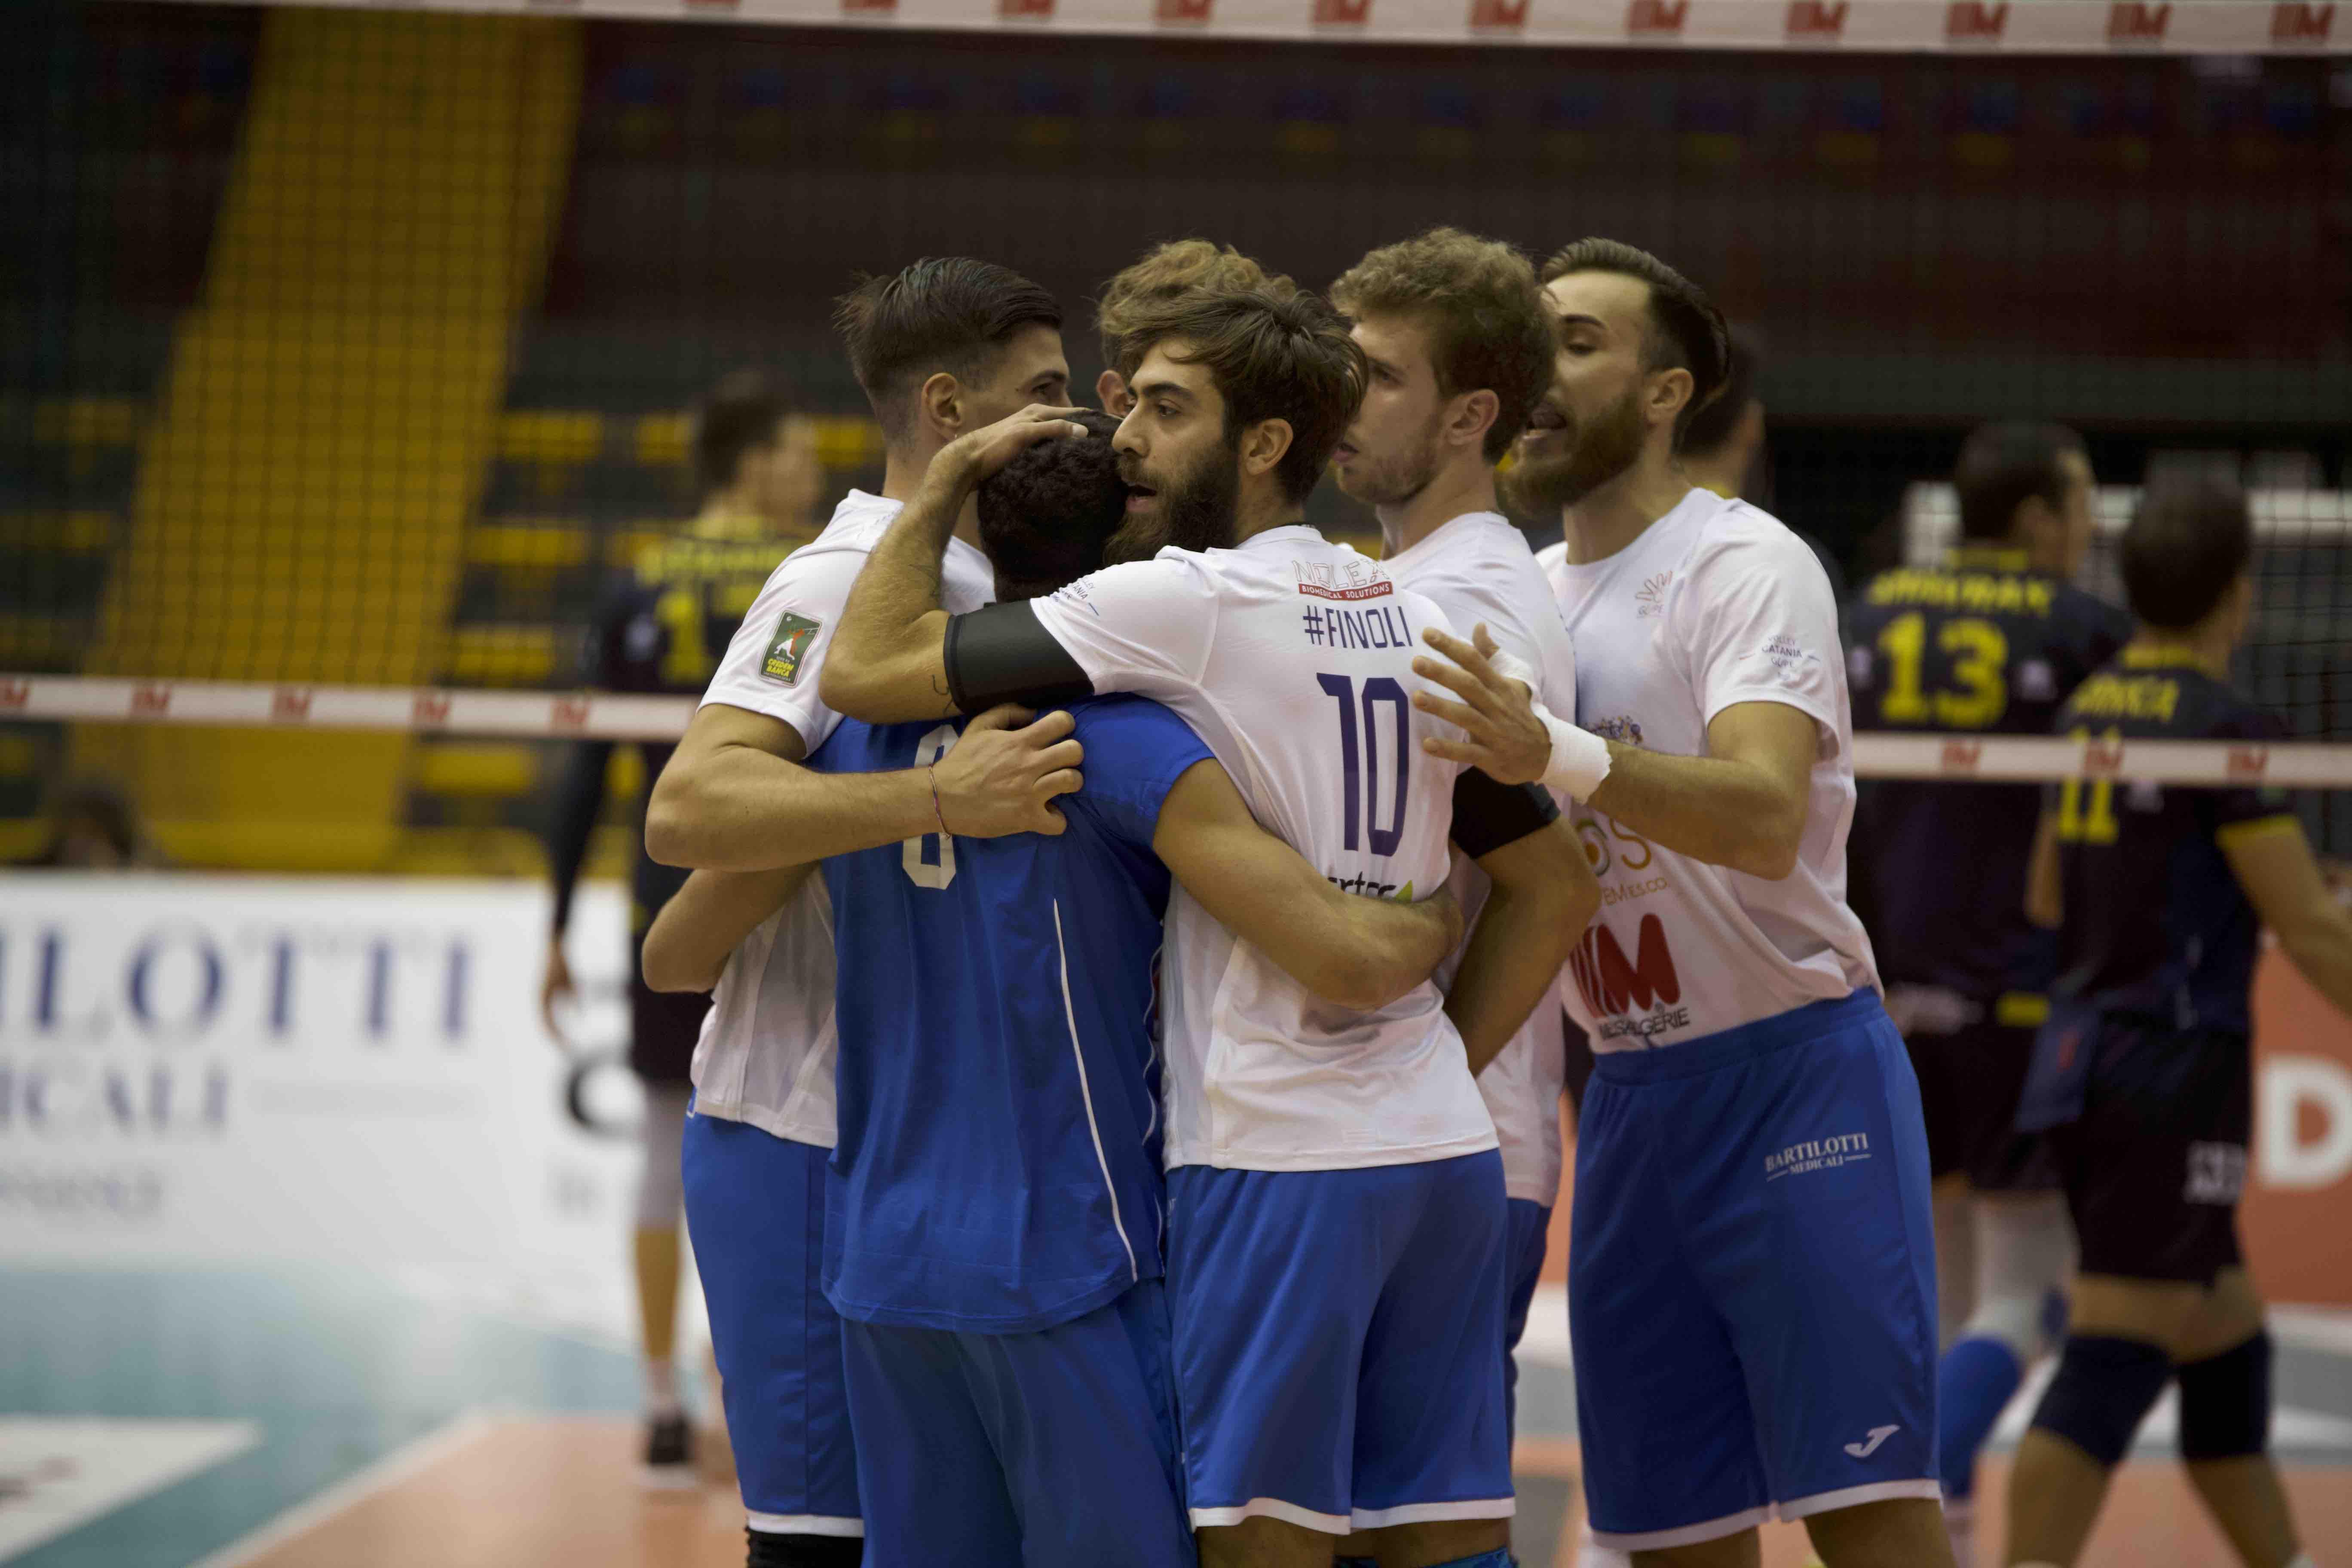 Volley Catania - Elios messaggerie Catania vs Olimpia Bergamo